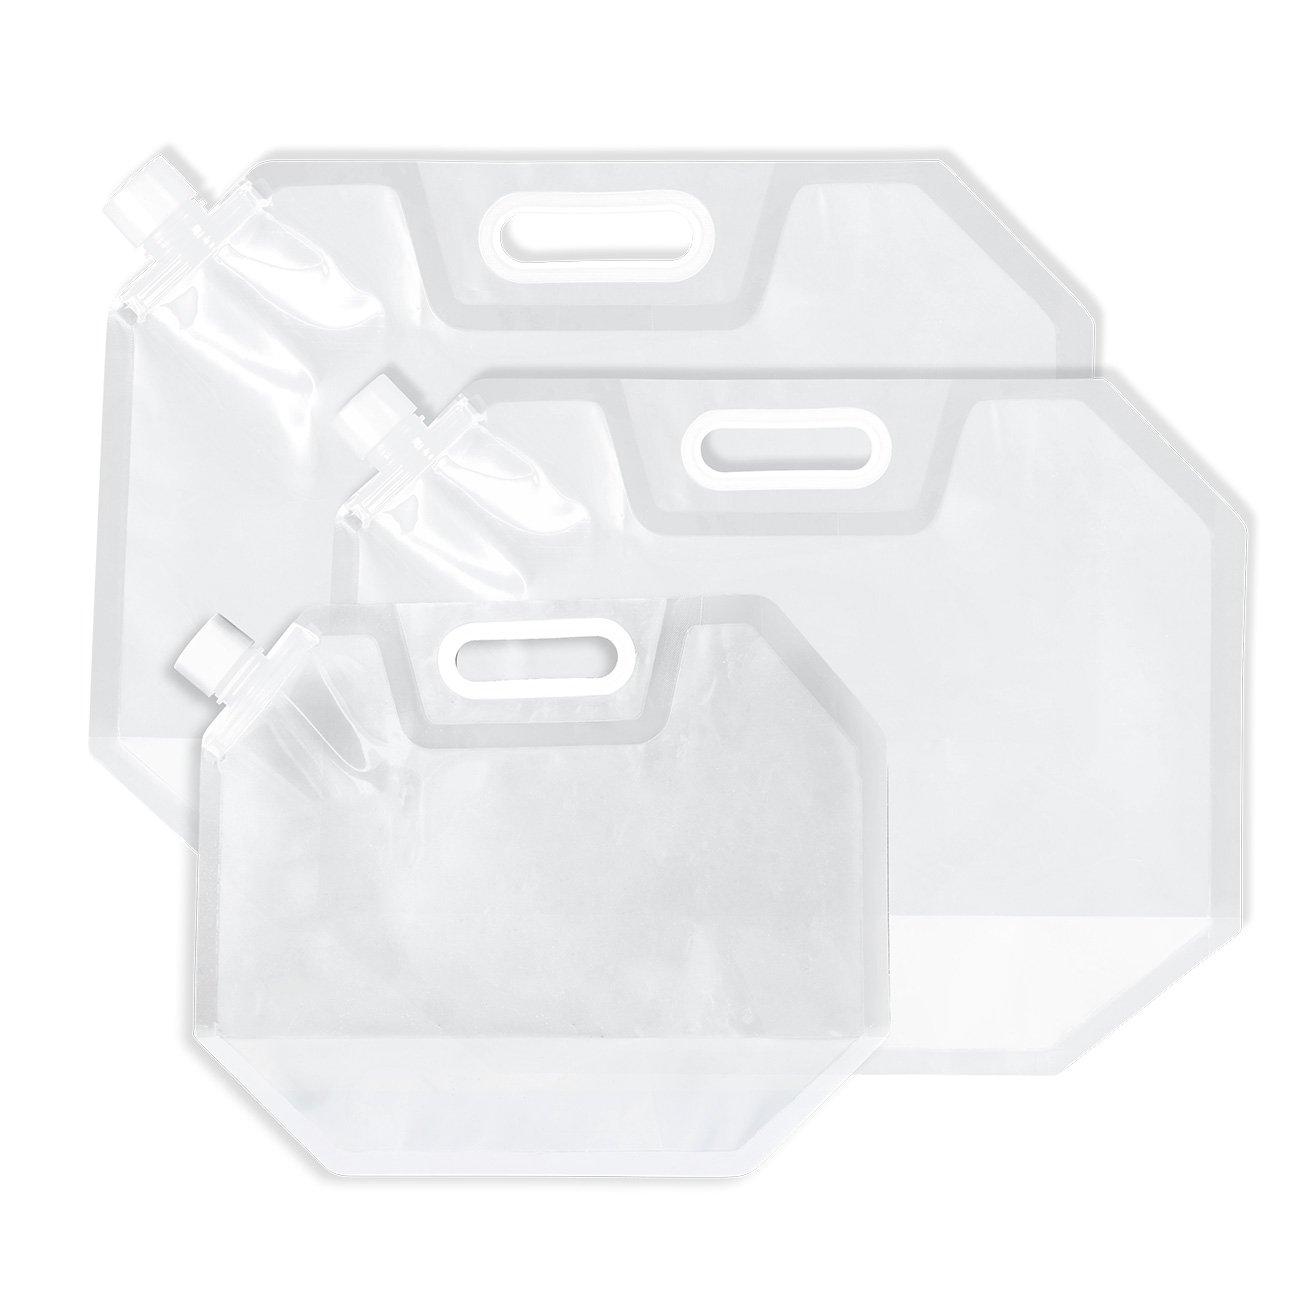 100%安い Juvale 折りたたみ可能な水容器 3パック – 3パック 折りたたみ式プラスチックウォーターバッグキャリア、BPAフリー、ポータブル水ストレージタンク B075RZ5JXY キャンピング –、アウトドア、ハイキング、旅行用 – クリア – 0.7、1.3、2.1ガロン B075RZ5JXY, ハニークローゼット Honey-closet:17da35b9 --- a0267596.xsph.ru